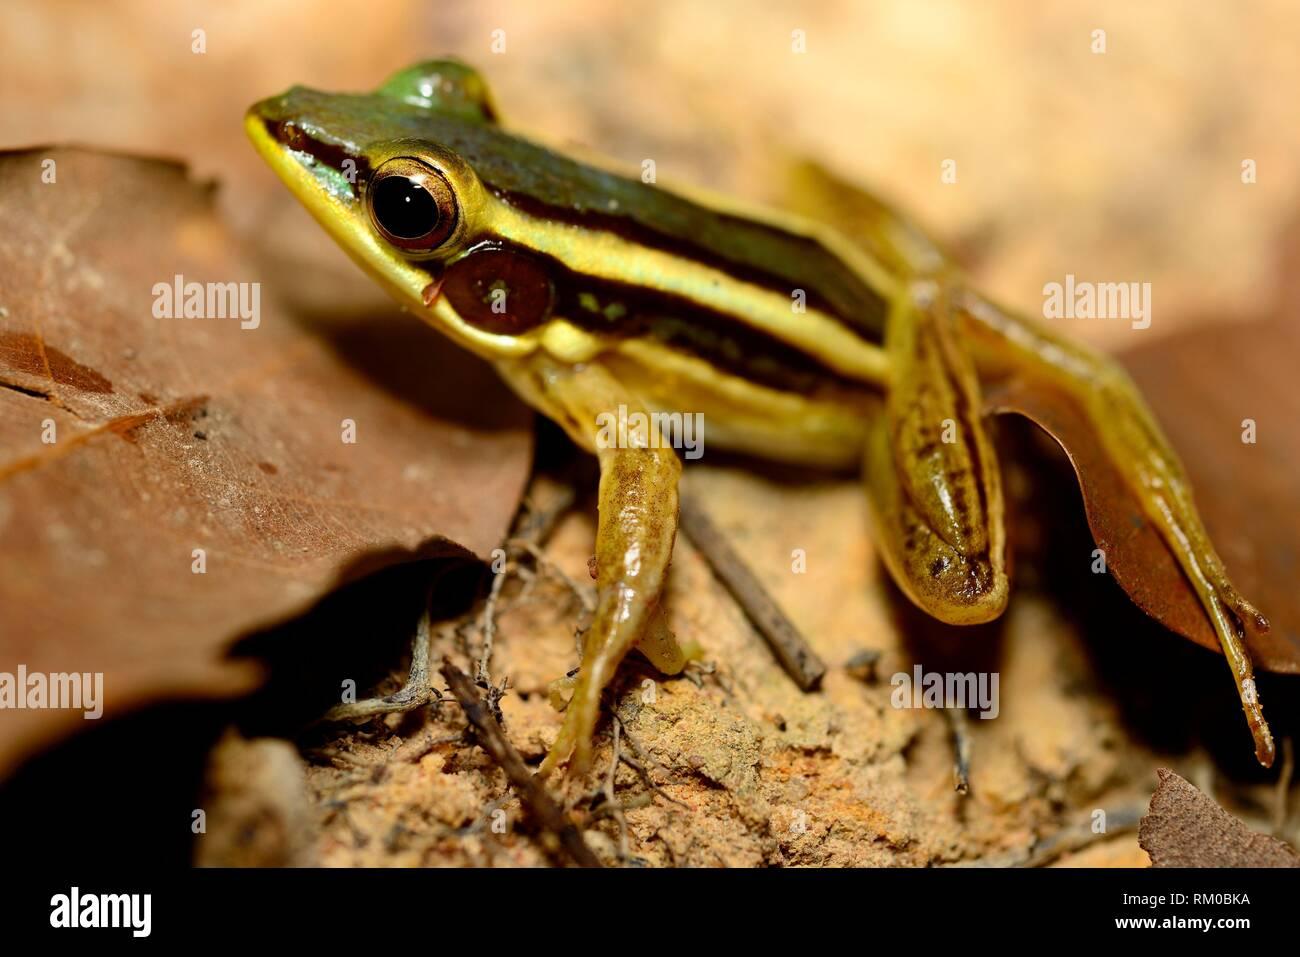 Green frog (Hylarana erythraea) in Angkor area, Siem Reap, Cambodia. - Stock Image